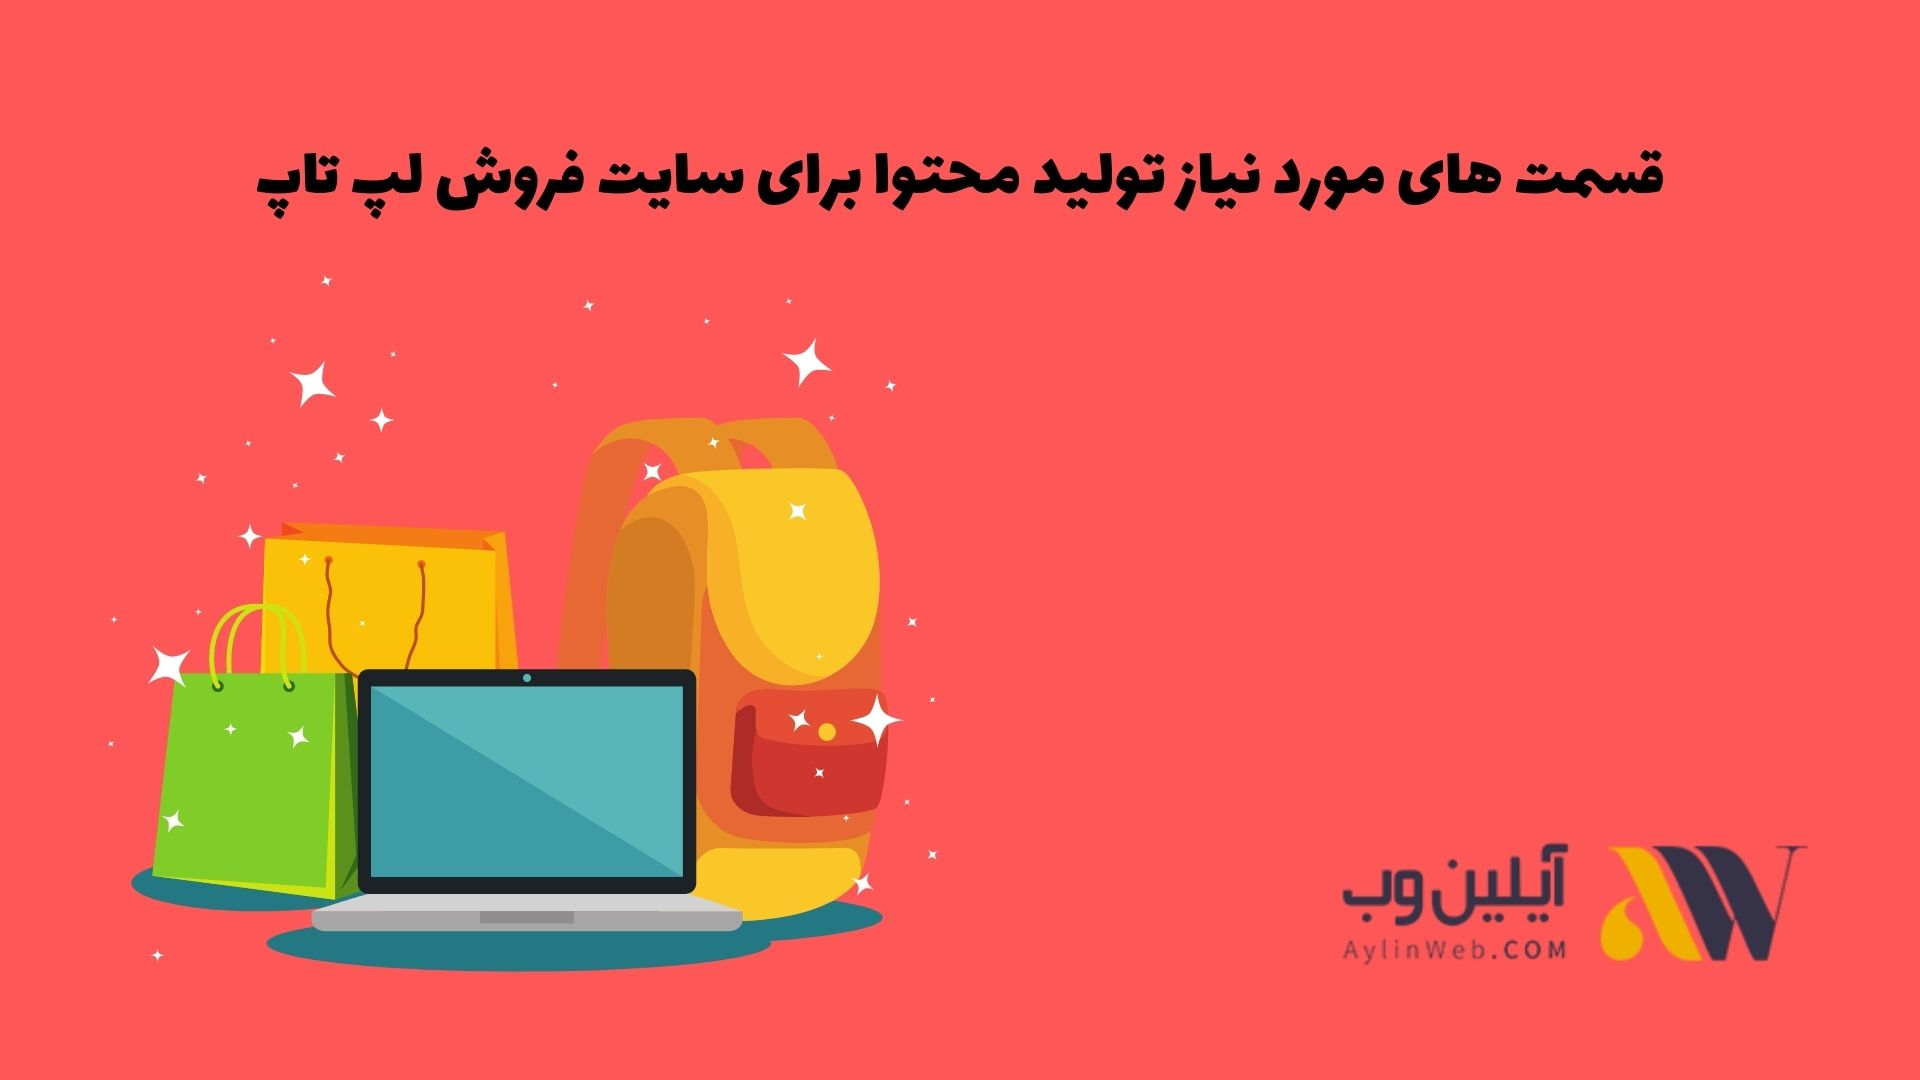 قسمت های مورد نیاز تولید محتوا برای سایت فروش لپ تاپ